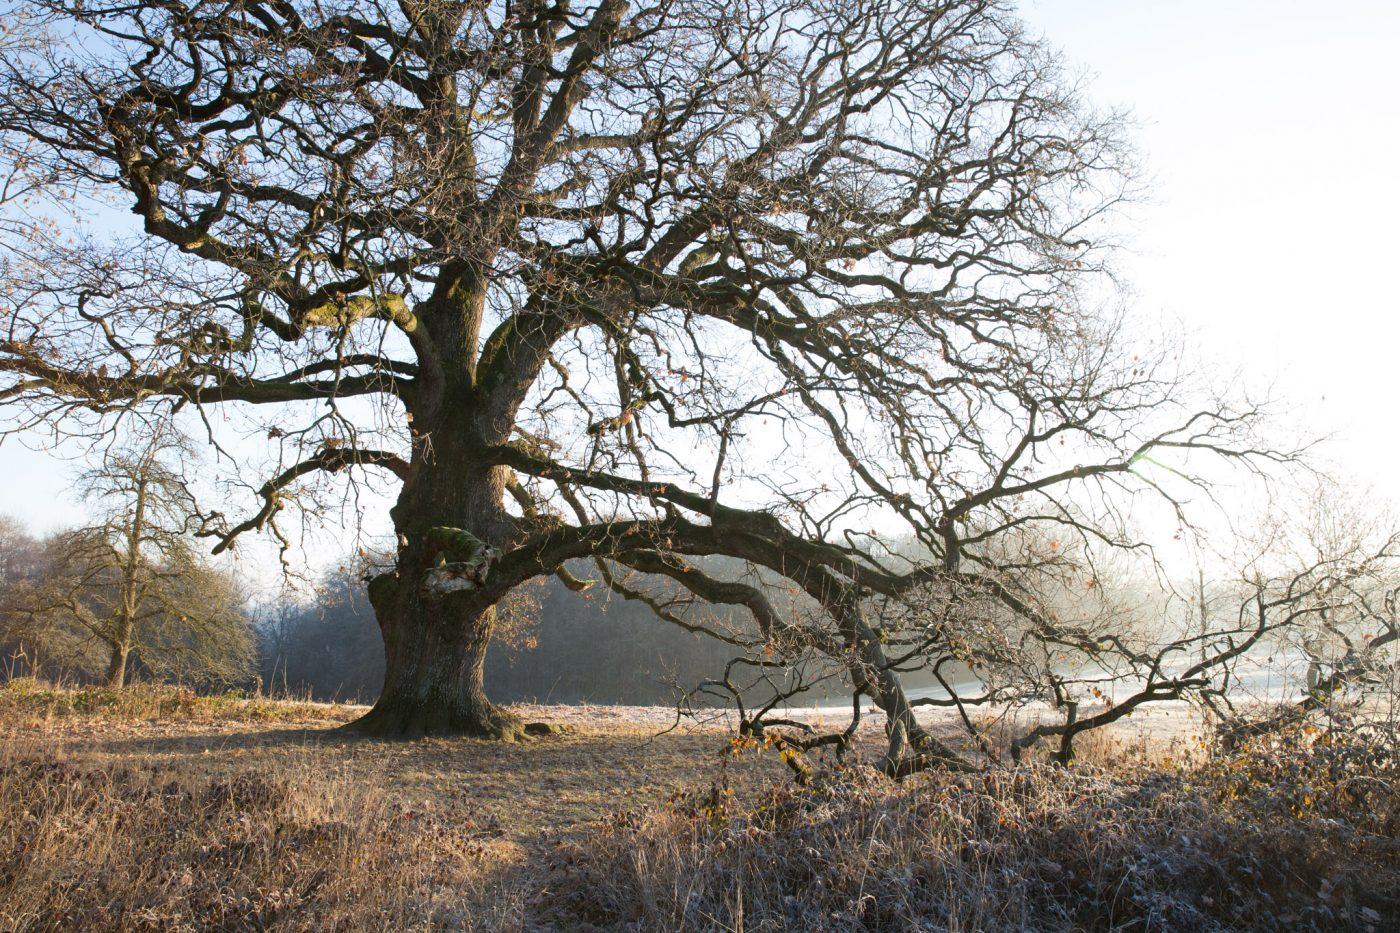 Sulzeiche im Winter, Eiche, Baum, Waldorfhäslach